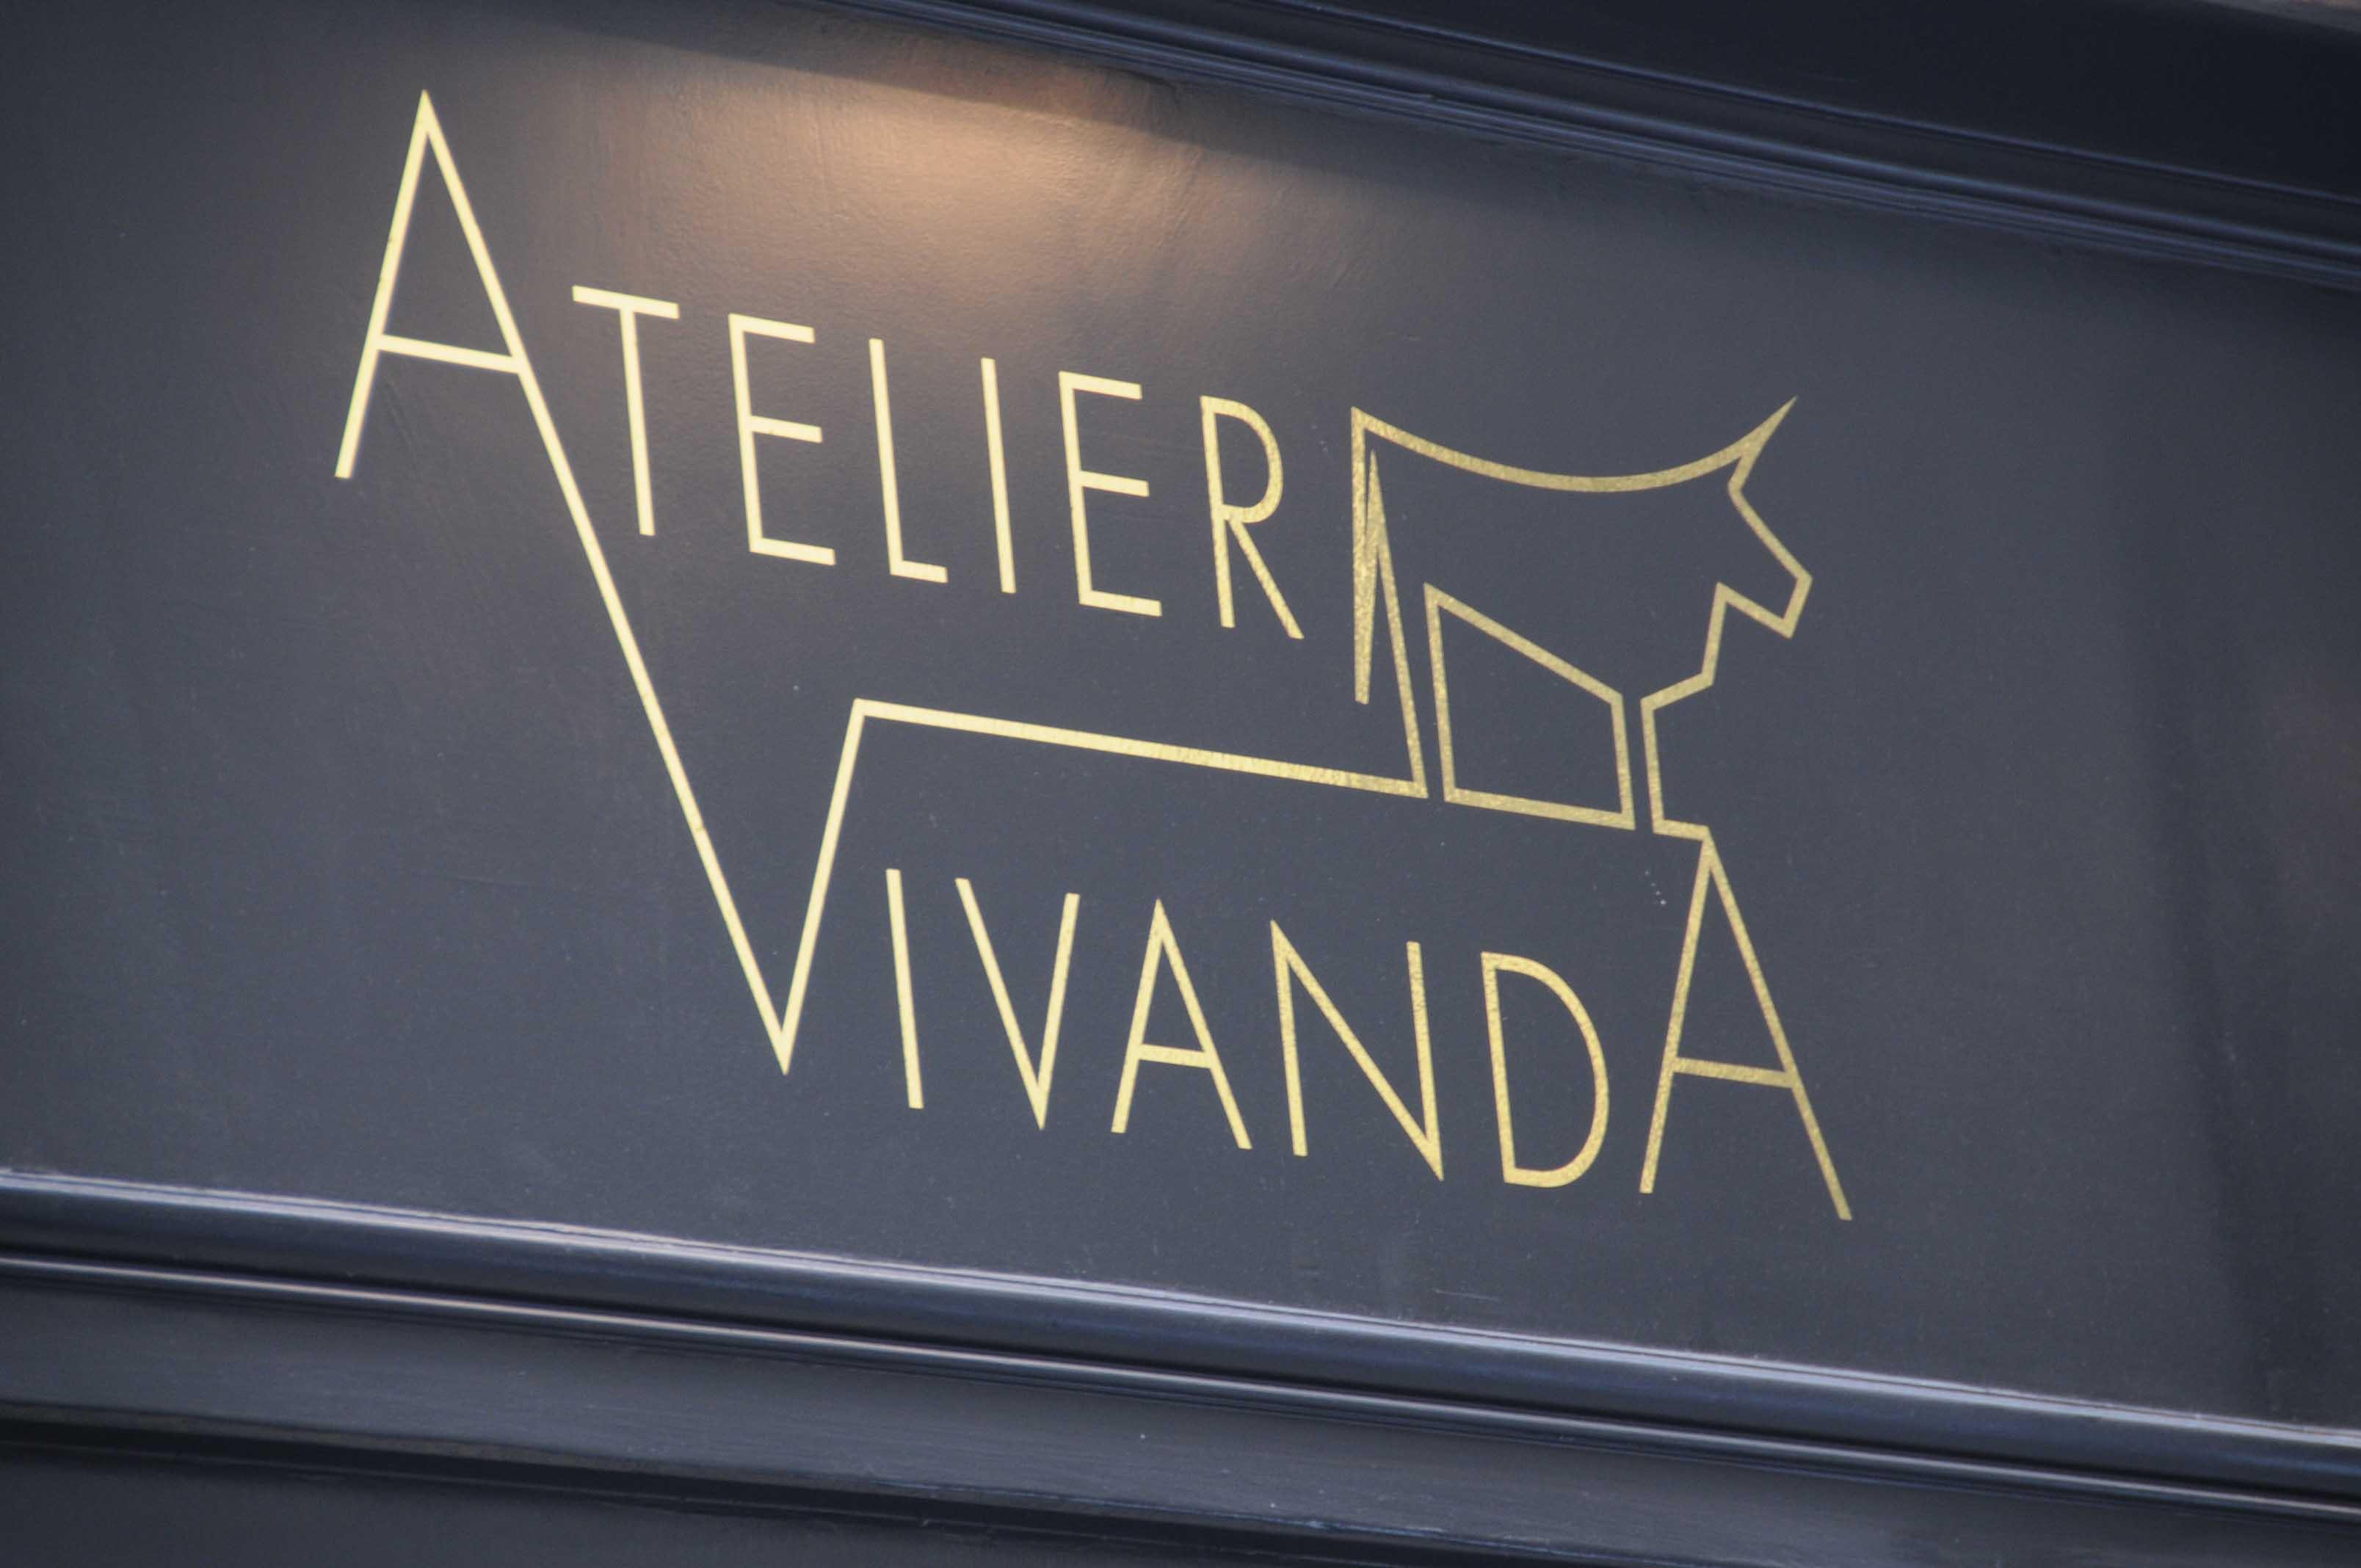 atelier vivanda